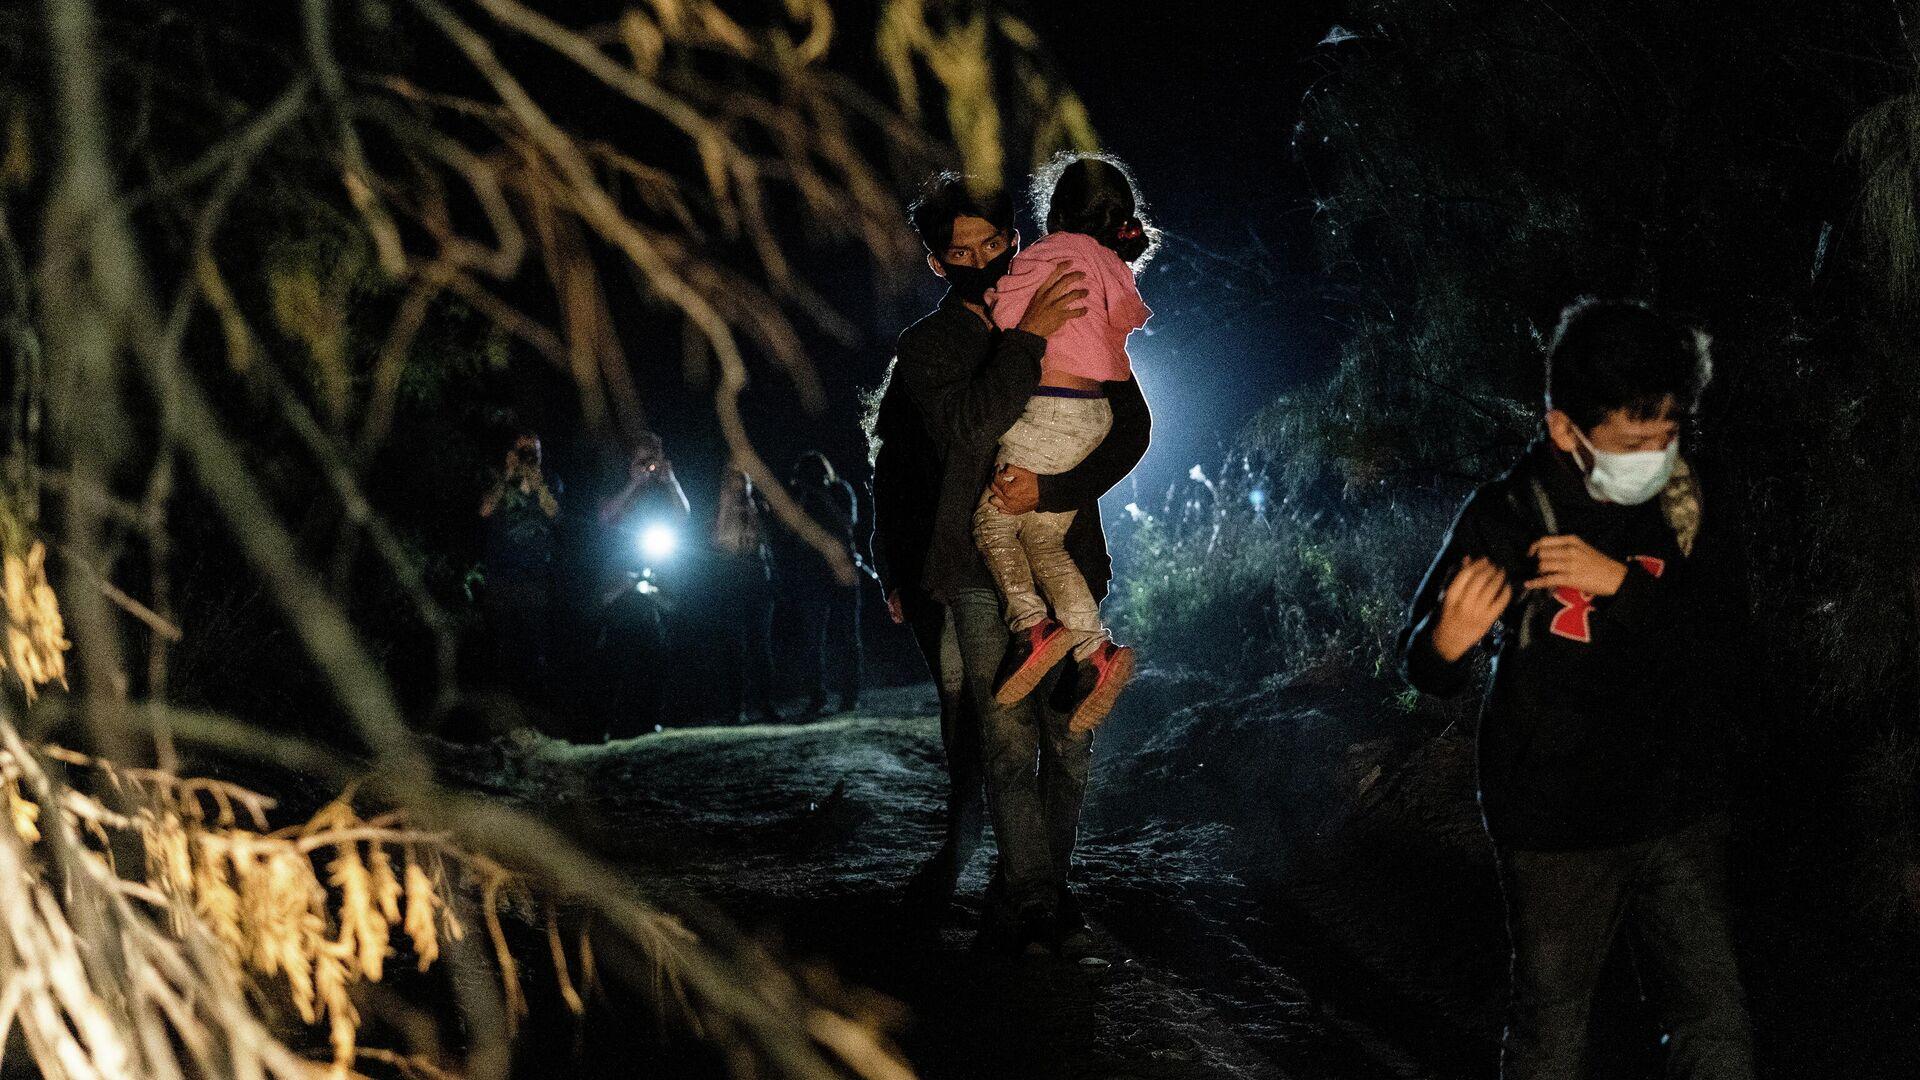 Migrantes centroamericanos en la frontera de EEUU - Sputnik Mundo, 1920, 03.05.2021